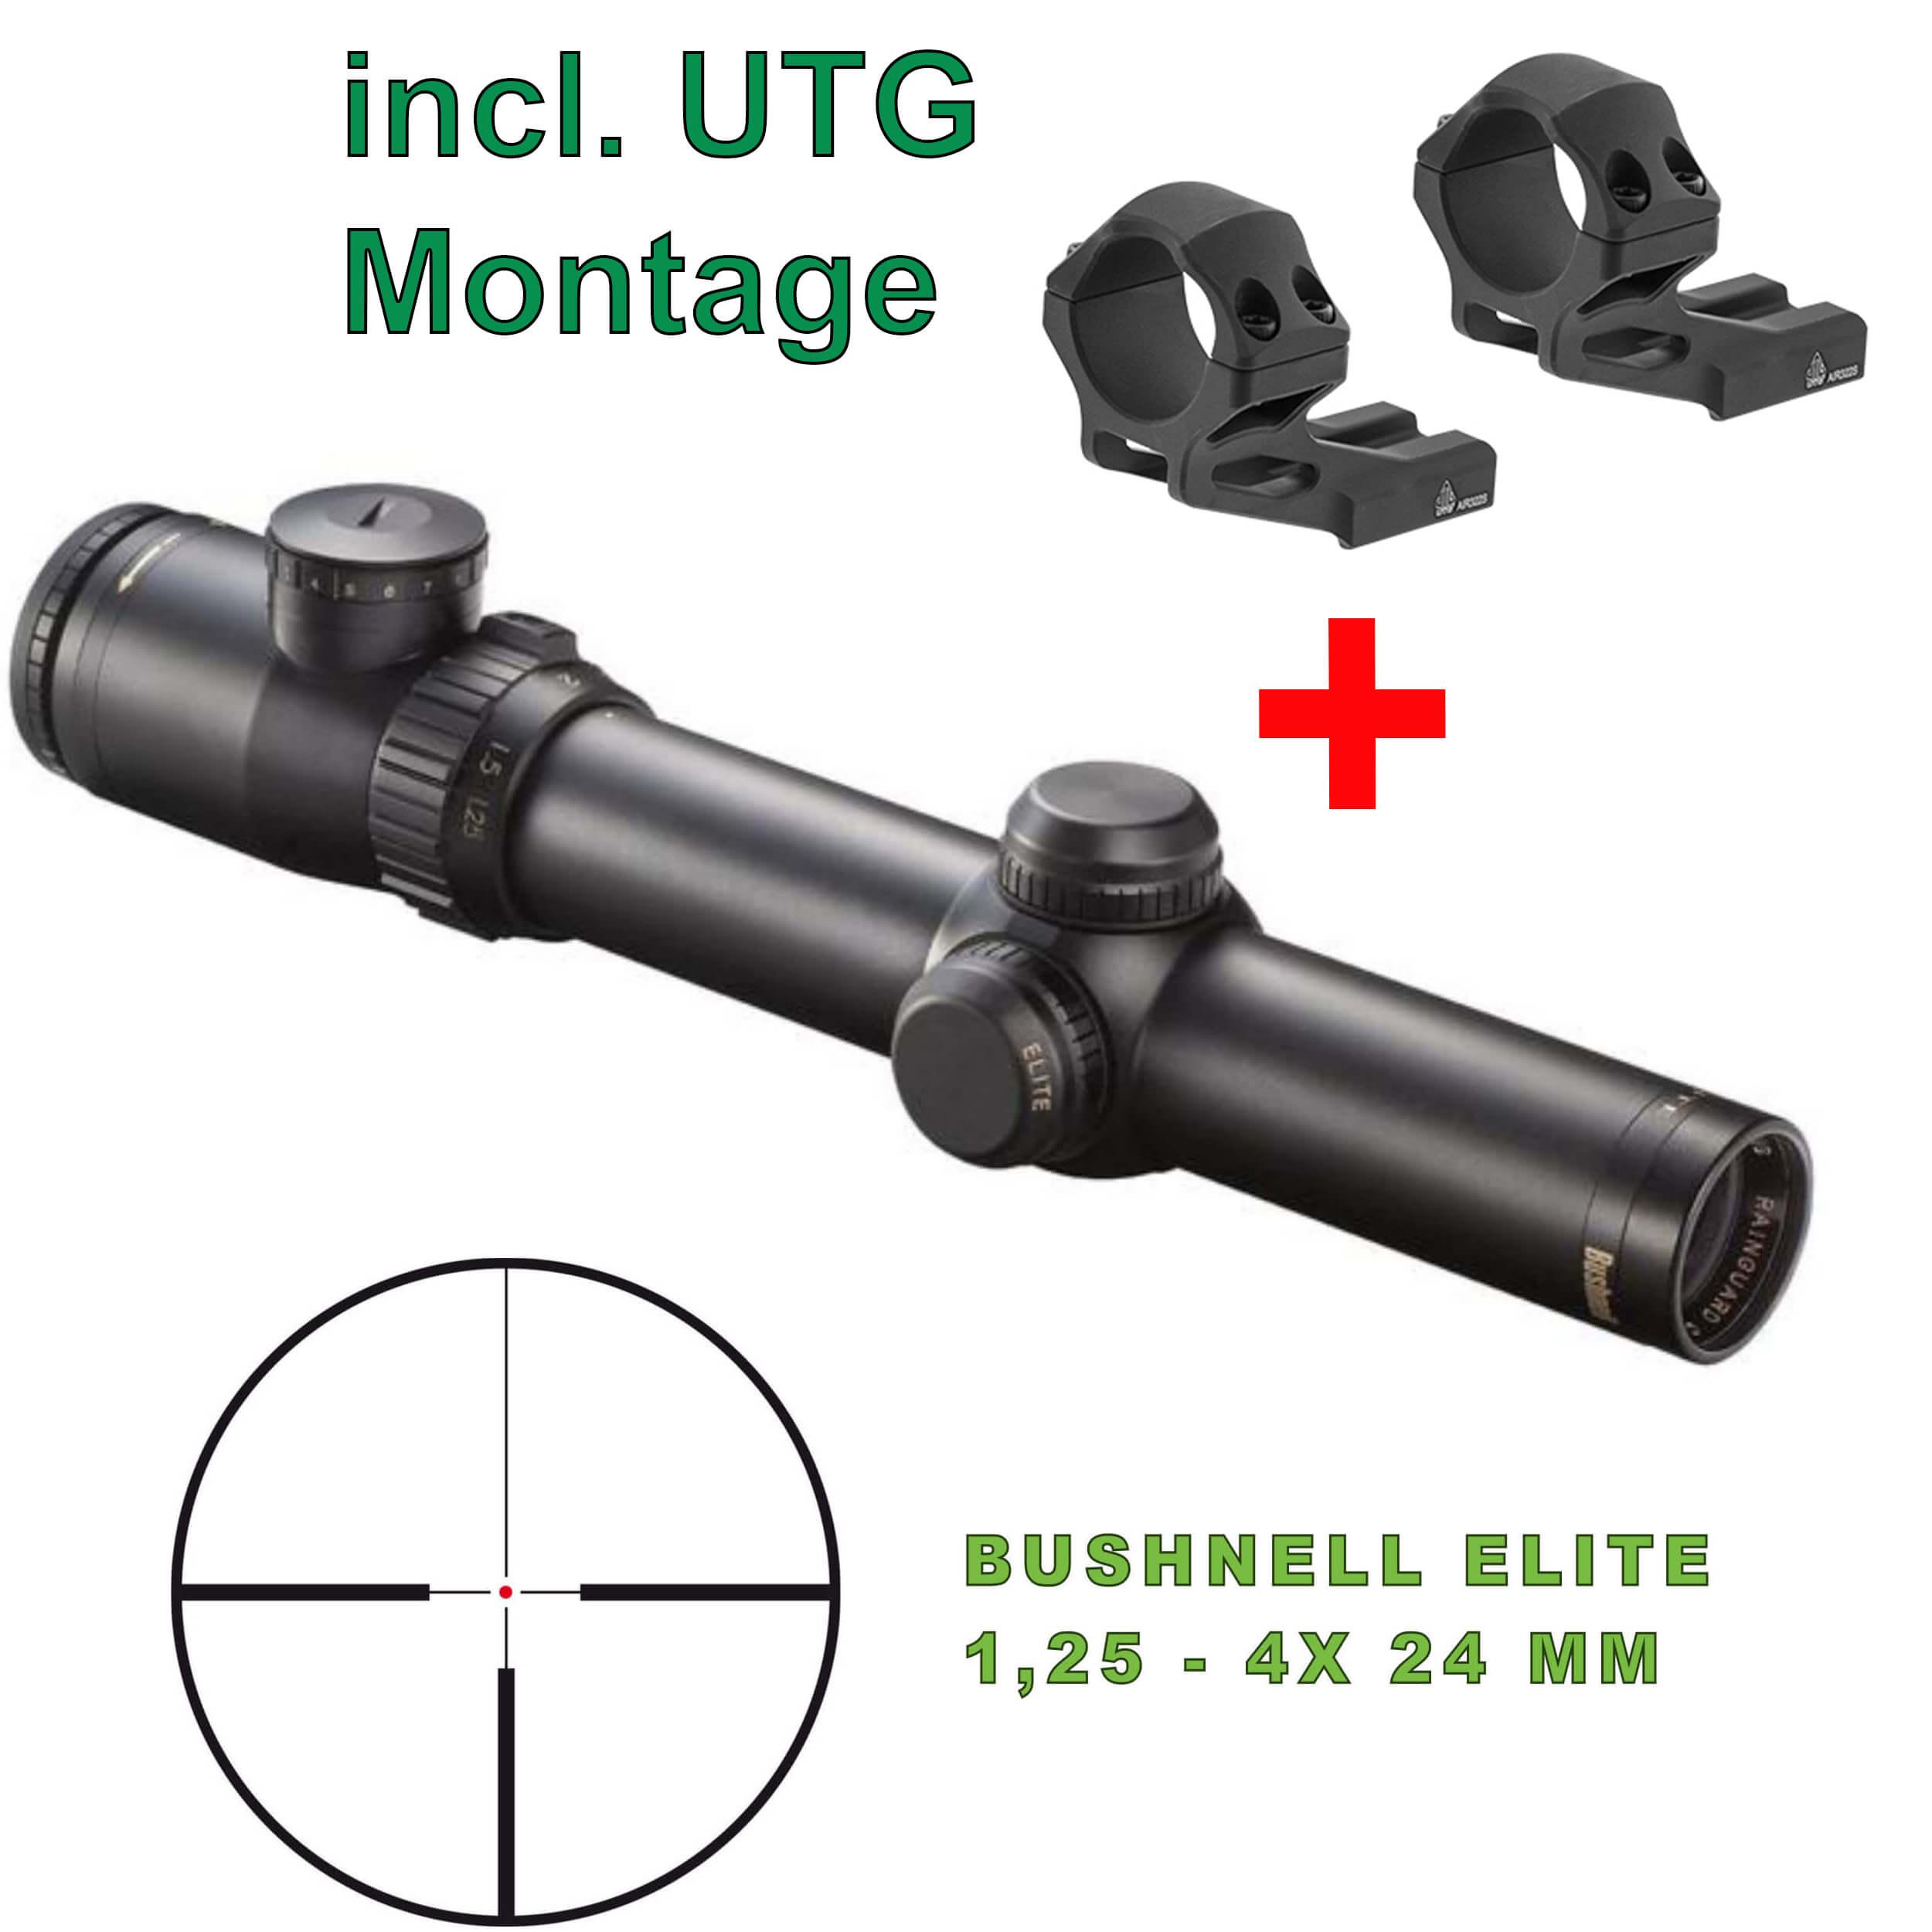 Bushnell Zielfernrohr Elite M 1,25-4x24, beleuchtet incl. Montage